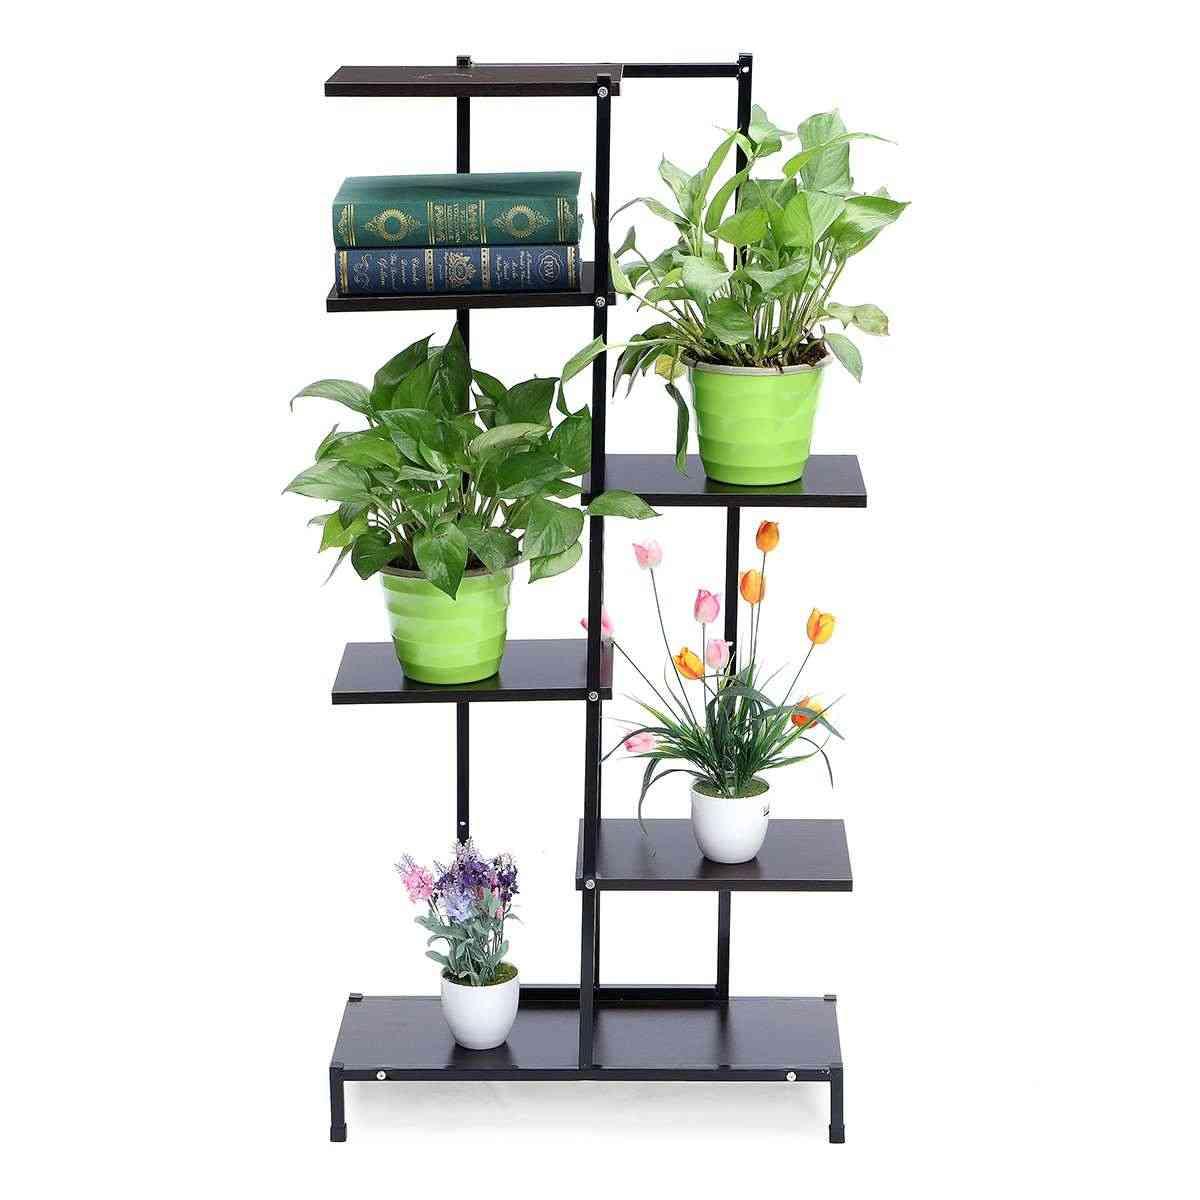 5-tiers Wooden Iron, Plant Rack, Display Shelf, Home Garden, Flower Stands